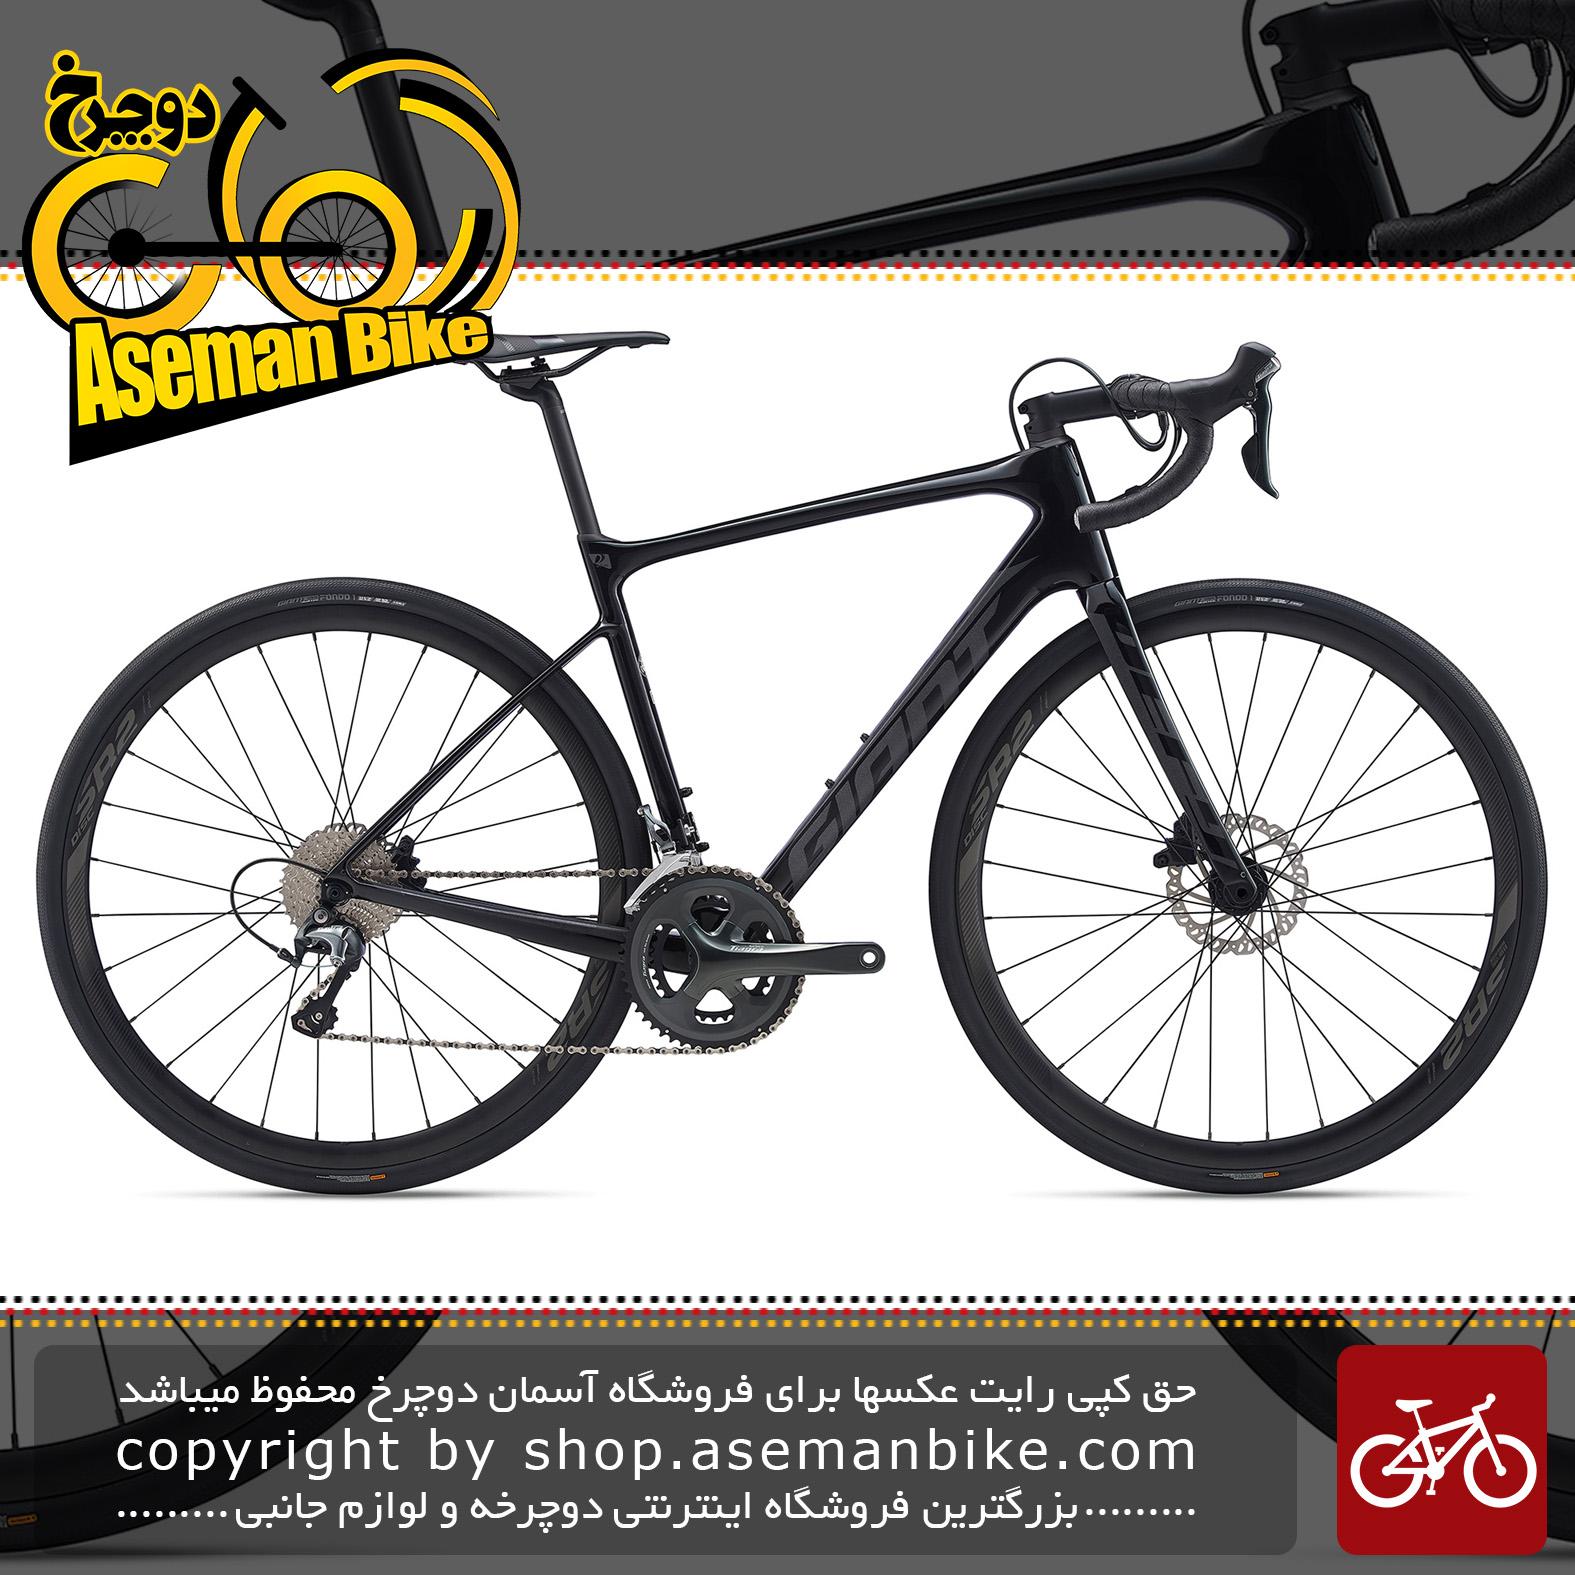 دوچرخه کورسی جاده جاینت مدل دیفای ادونس 3 2 2020 Giant Road Bicycle Defy Advanced 3 2020